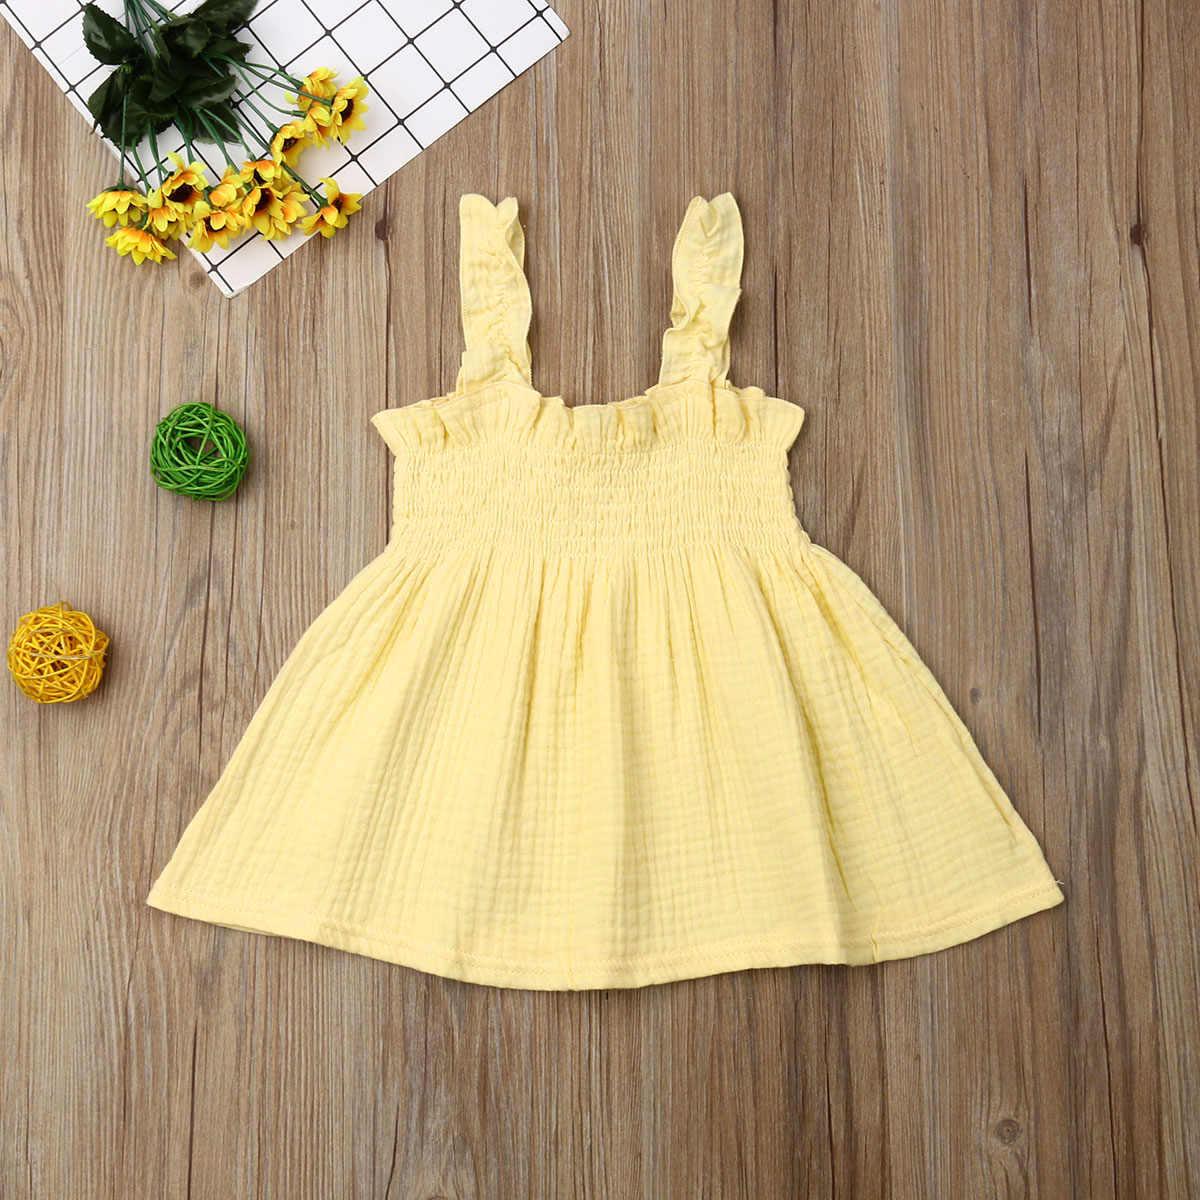 2019 תינוק קיץ בגדי 1-5Y פעוט תינוק בנות מוצק נסיכת שמלה ללא שרוולים באורך הברך אונליין שמלת כלה שמלות שמלה